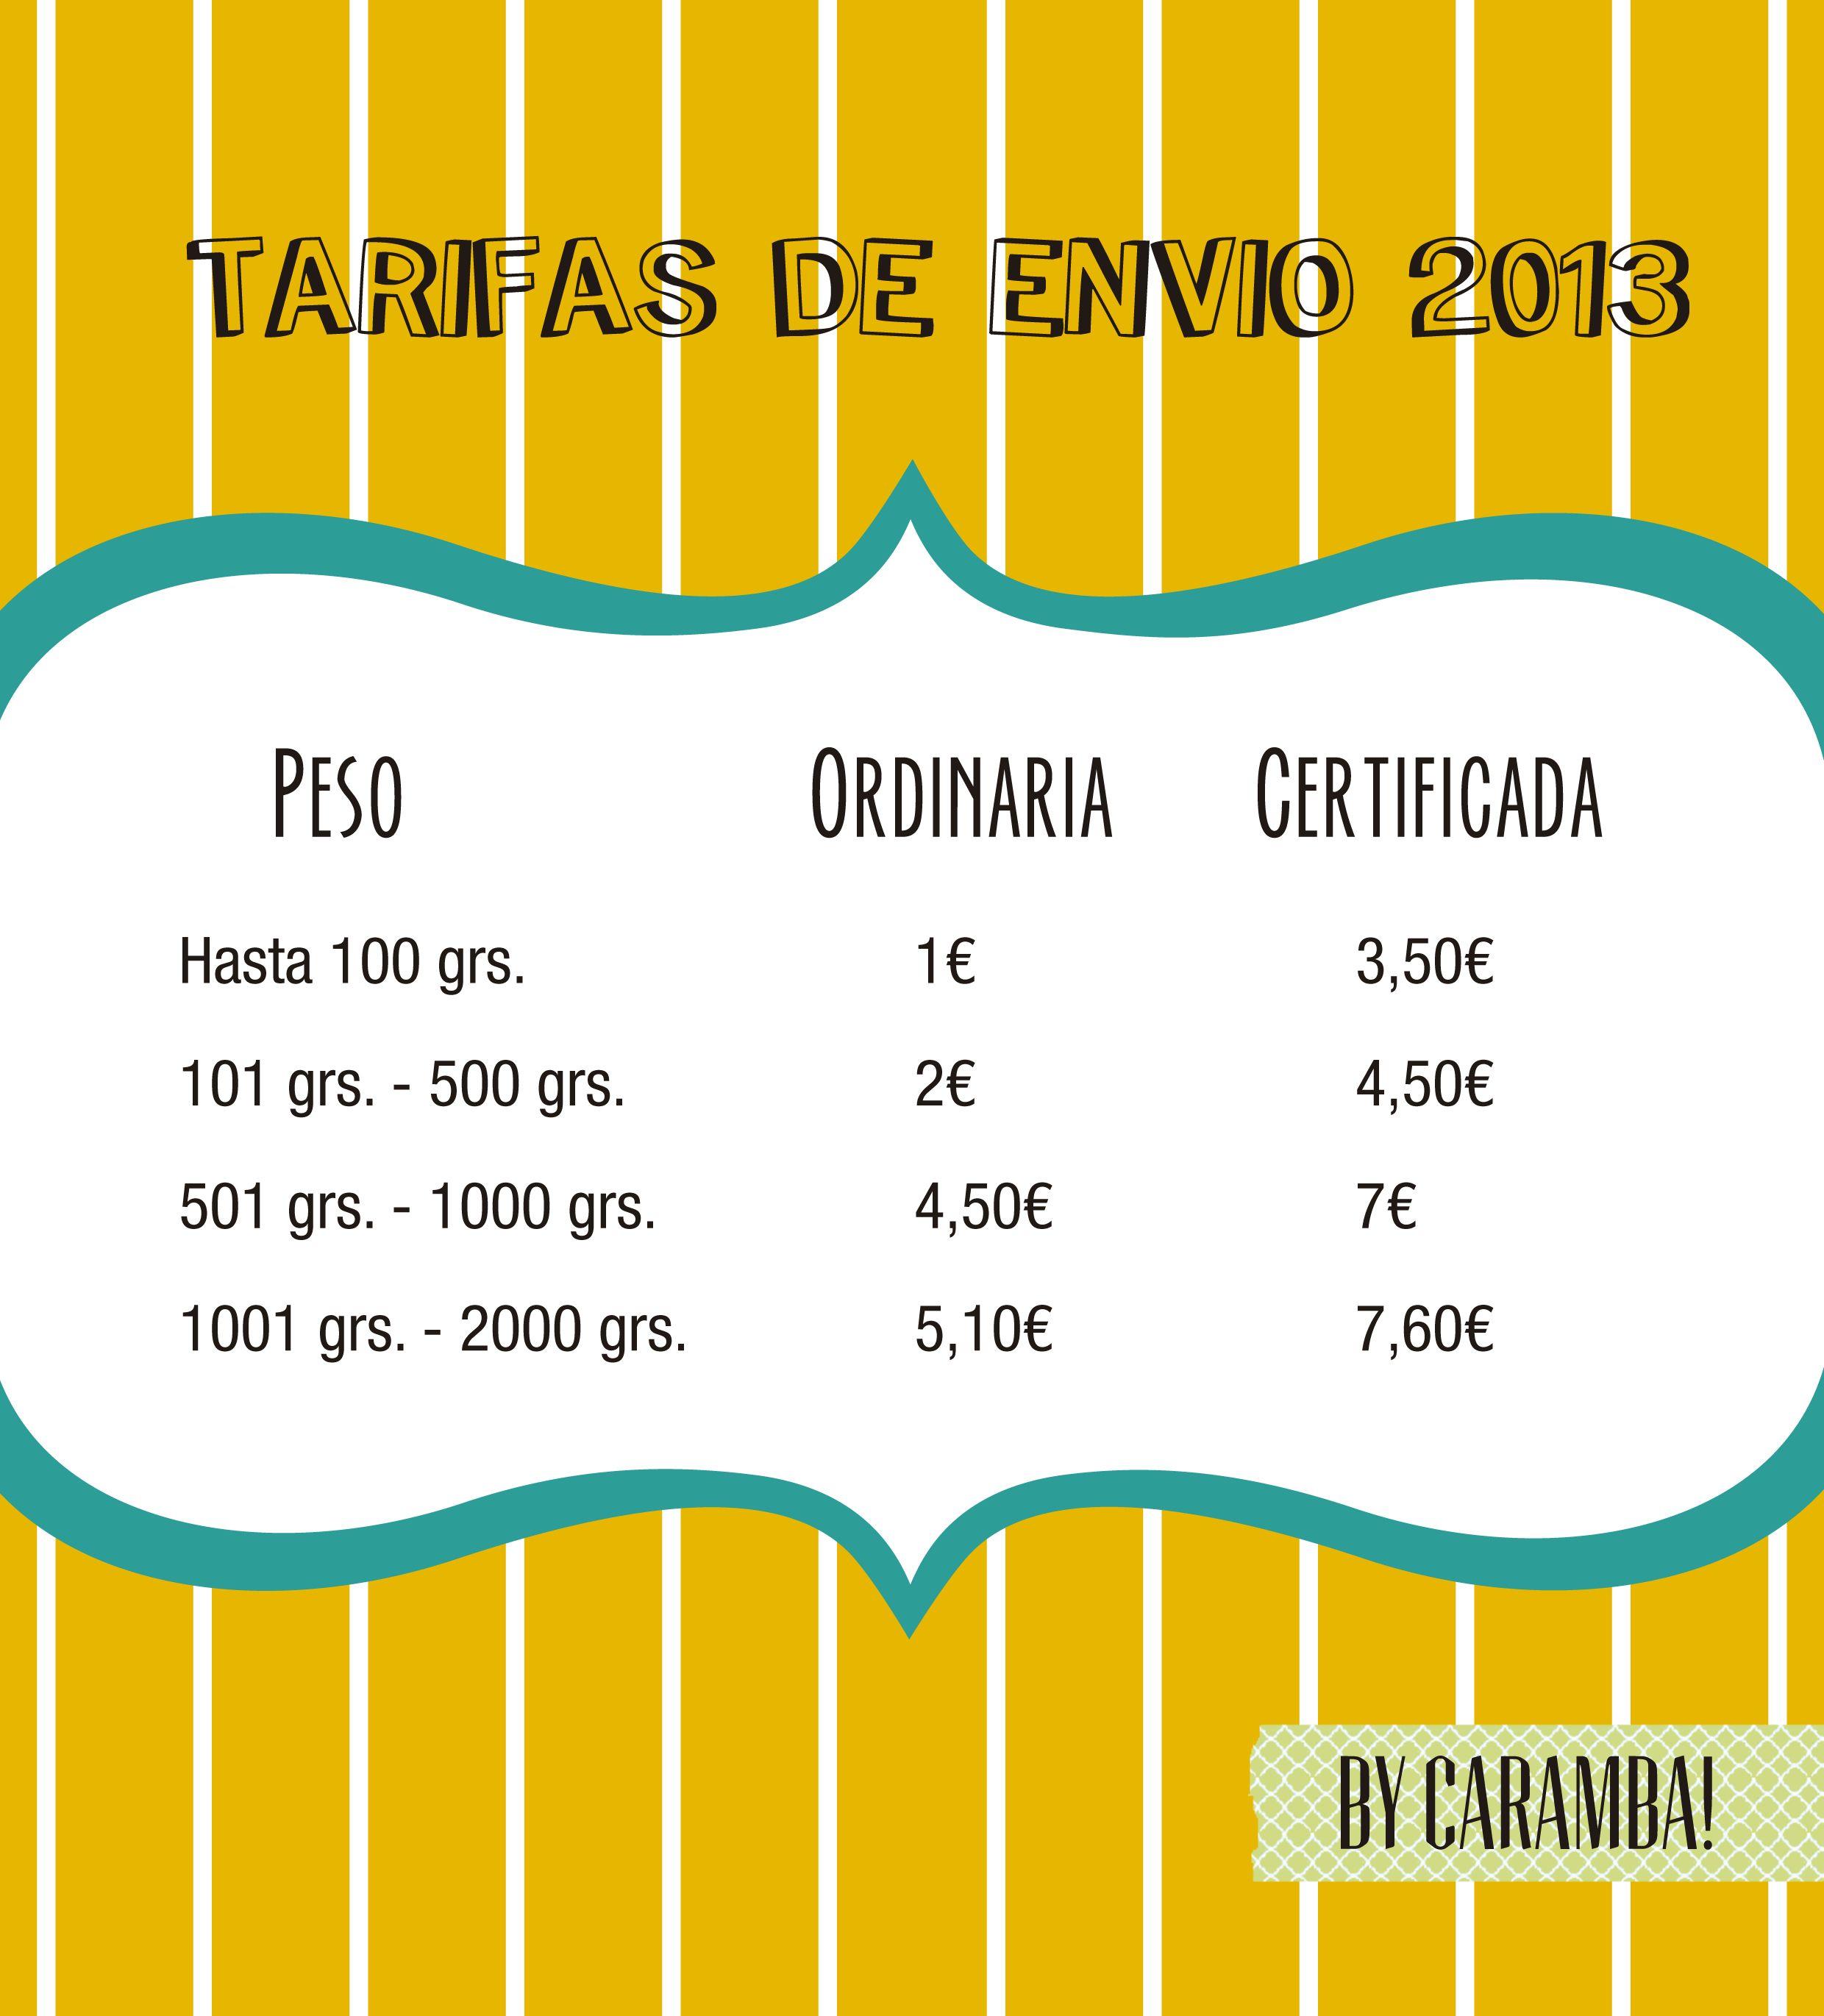 Envios a toda España. #Tarifa #Precios #Envio #Correos